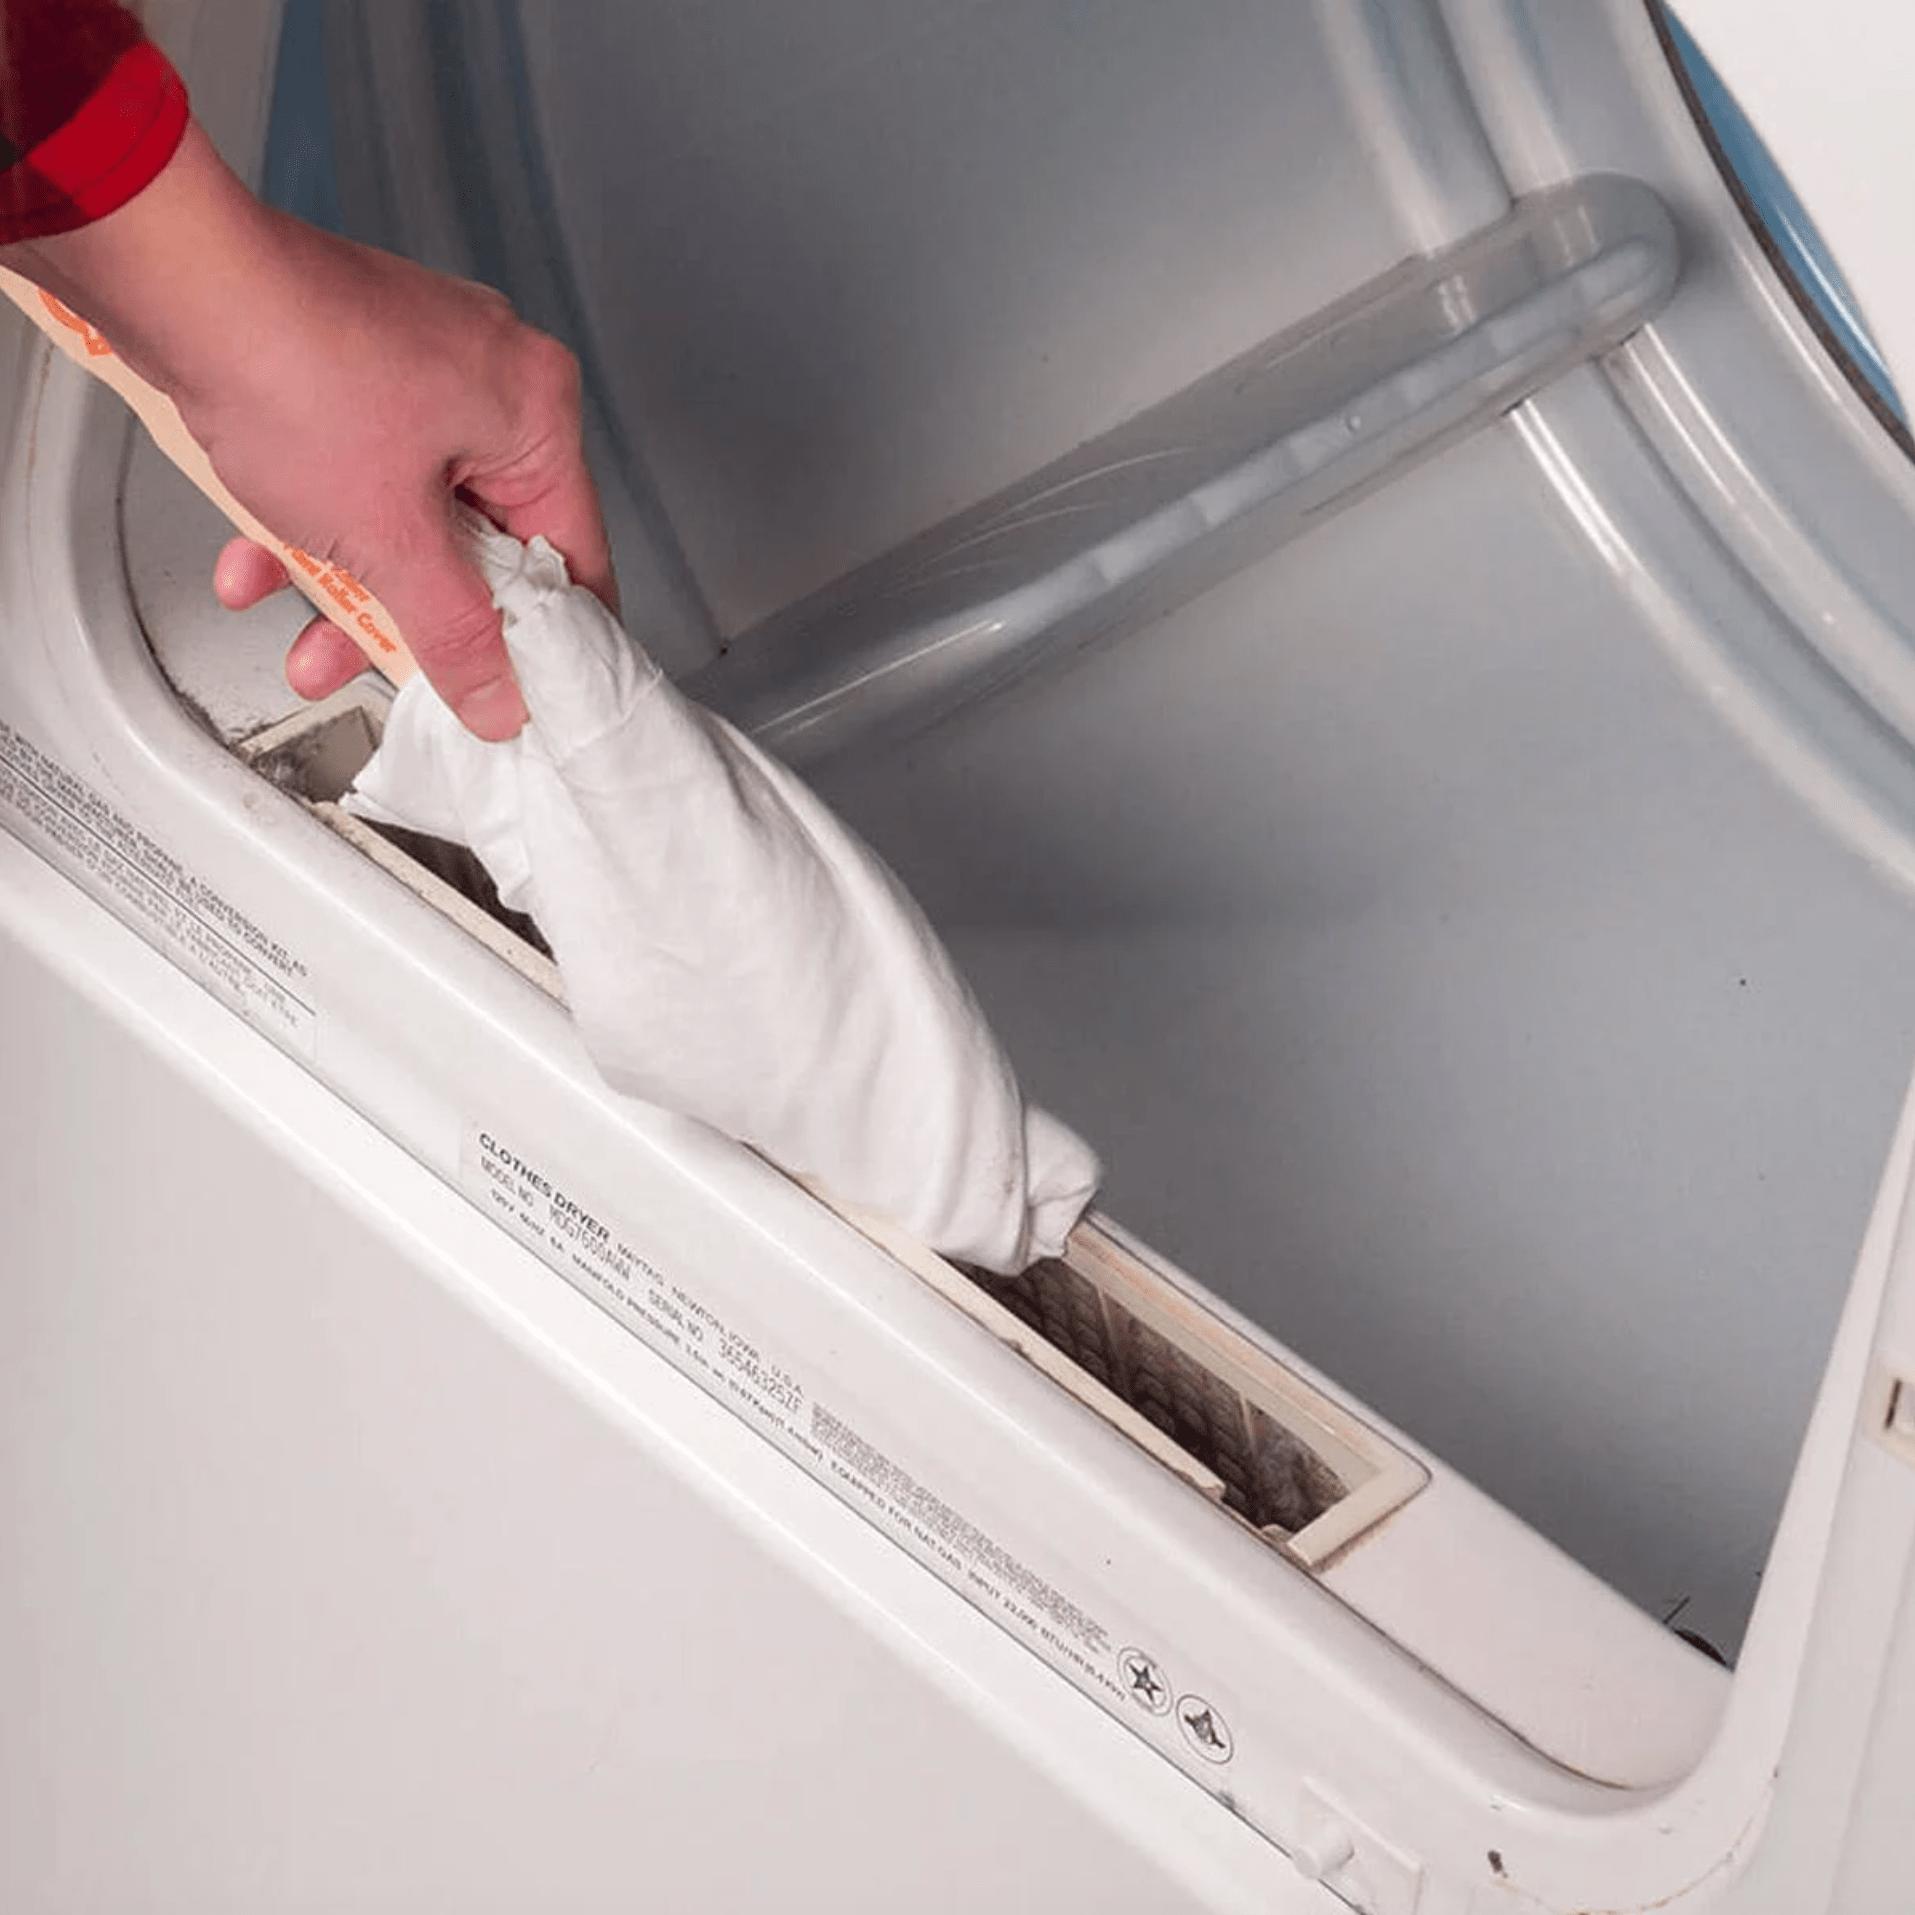 Paint Stick to Clean Lint Buildup